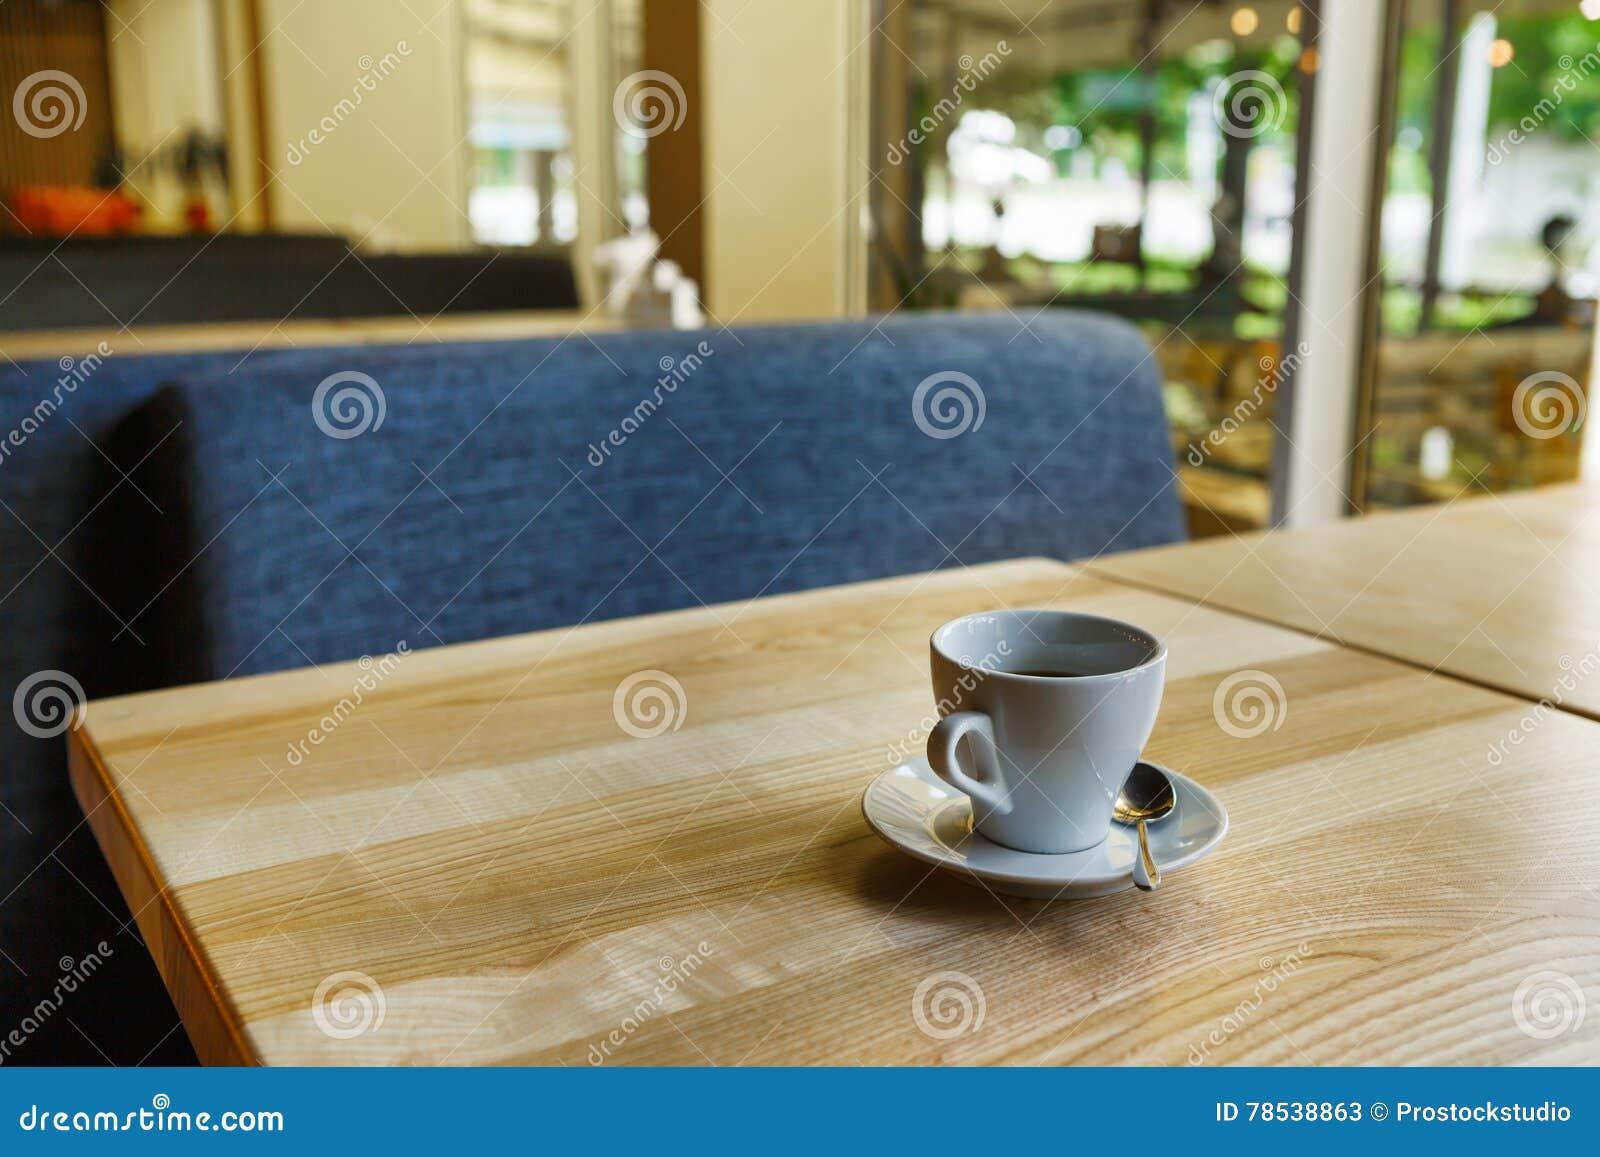 Modern Restaurant Bar Or Cafe Interior Stock Image Image Of Furniture Inside 78538863